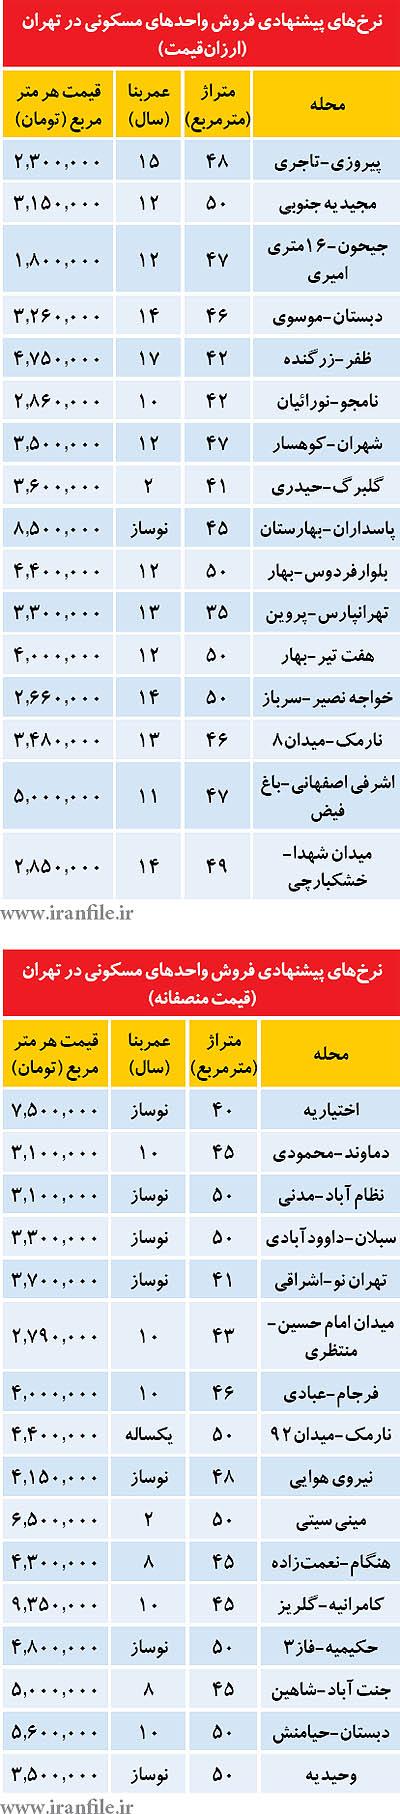 مظنه آپارتمانهای ارزانقیمت و منصفانه +جدول